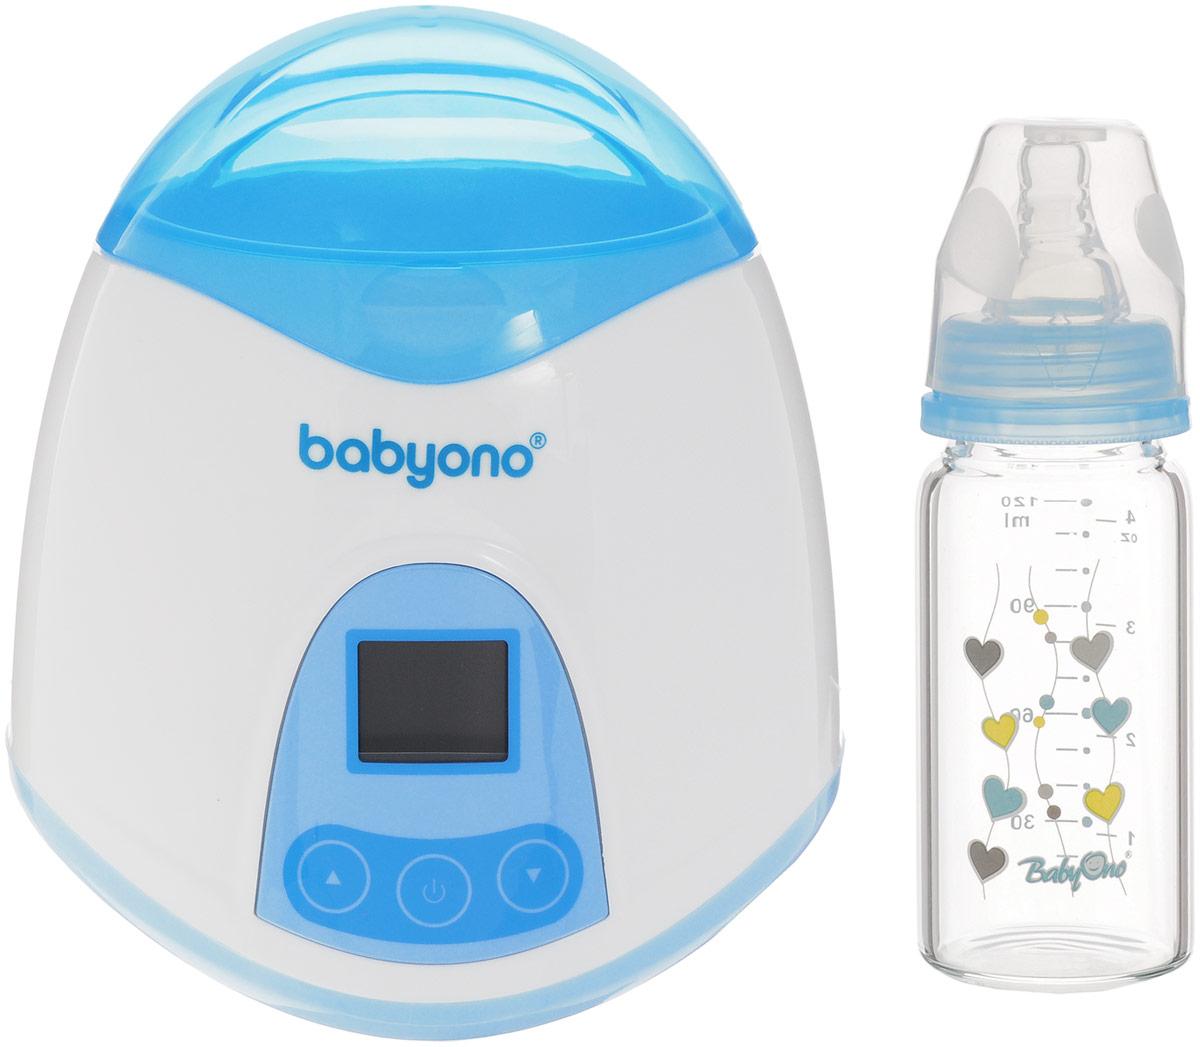 BabyOno Электрический подогреватель 2 в 1218_бутылочкаЭлектрический подогреватель 2 в 1 BabyOno существенно сэкономит мамино время и поможет быстро подогреть водичку для приготовления смеси малютке. У вас появится больше приятных минут, которые вы с радостью проведете с малышом. Благодаря широкому диапазону температур вы сможете всегда легко подогреть пищу в специальной мисочке на водяной бане, сохраняя питательные вещества. Подогреватель поддерживает функцию постоянной температуры и оснащен дисплеем с подсветкой. Вместе с подогревателем в комплект идет бутылочка на 120 мл в которой можно подогреть все что захочется до заданной температуры.